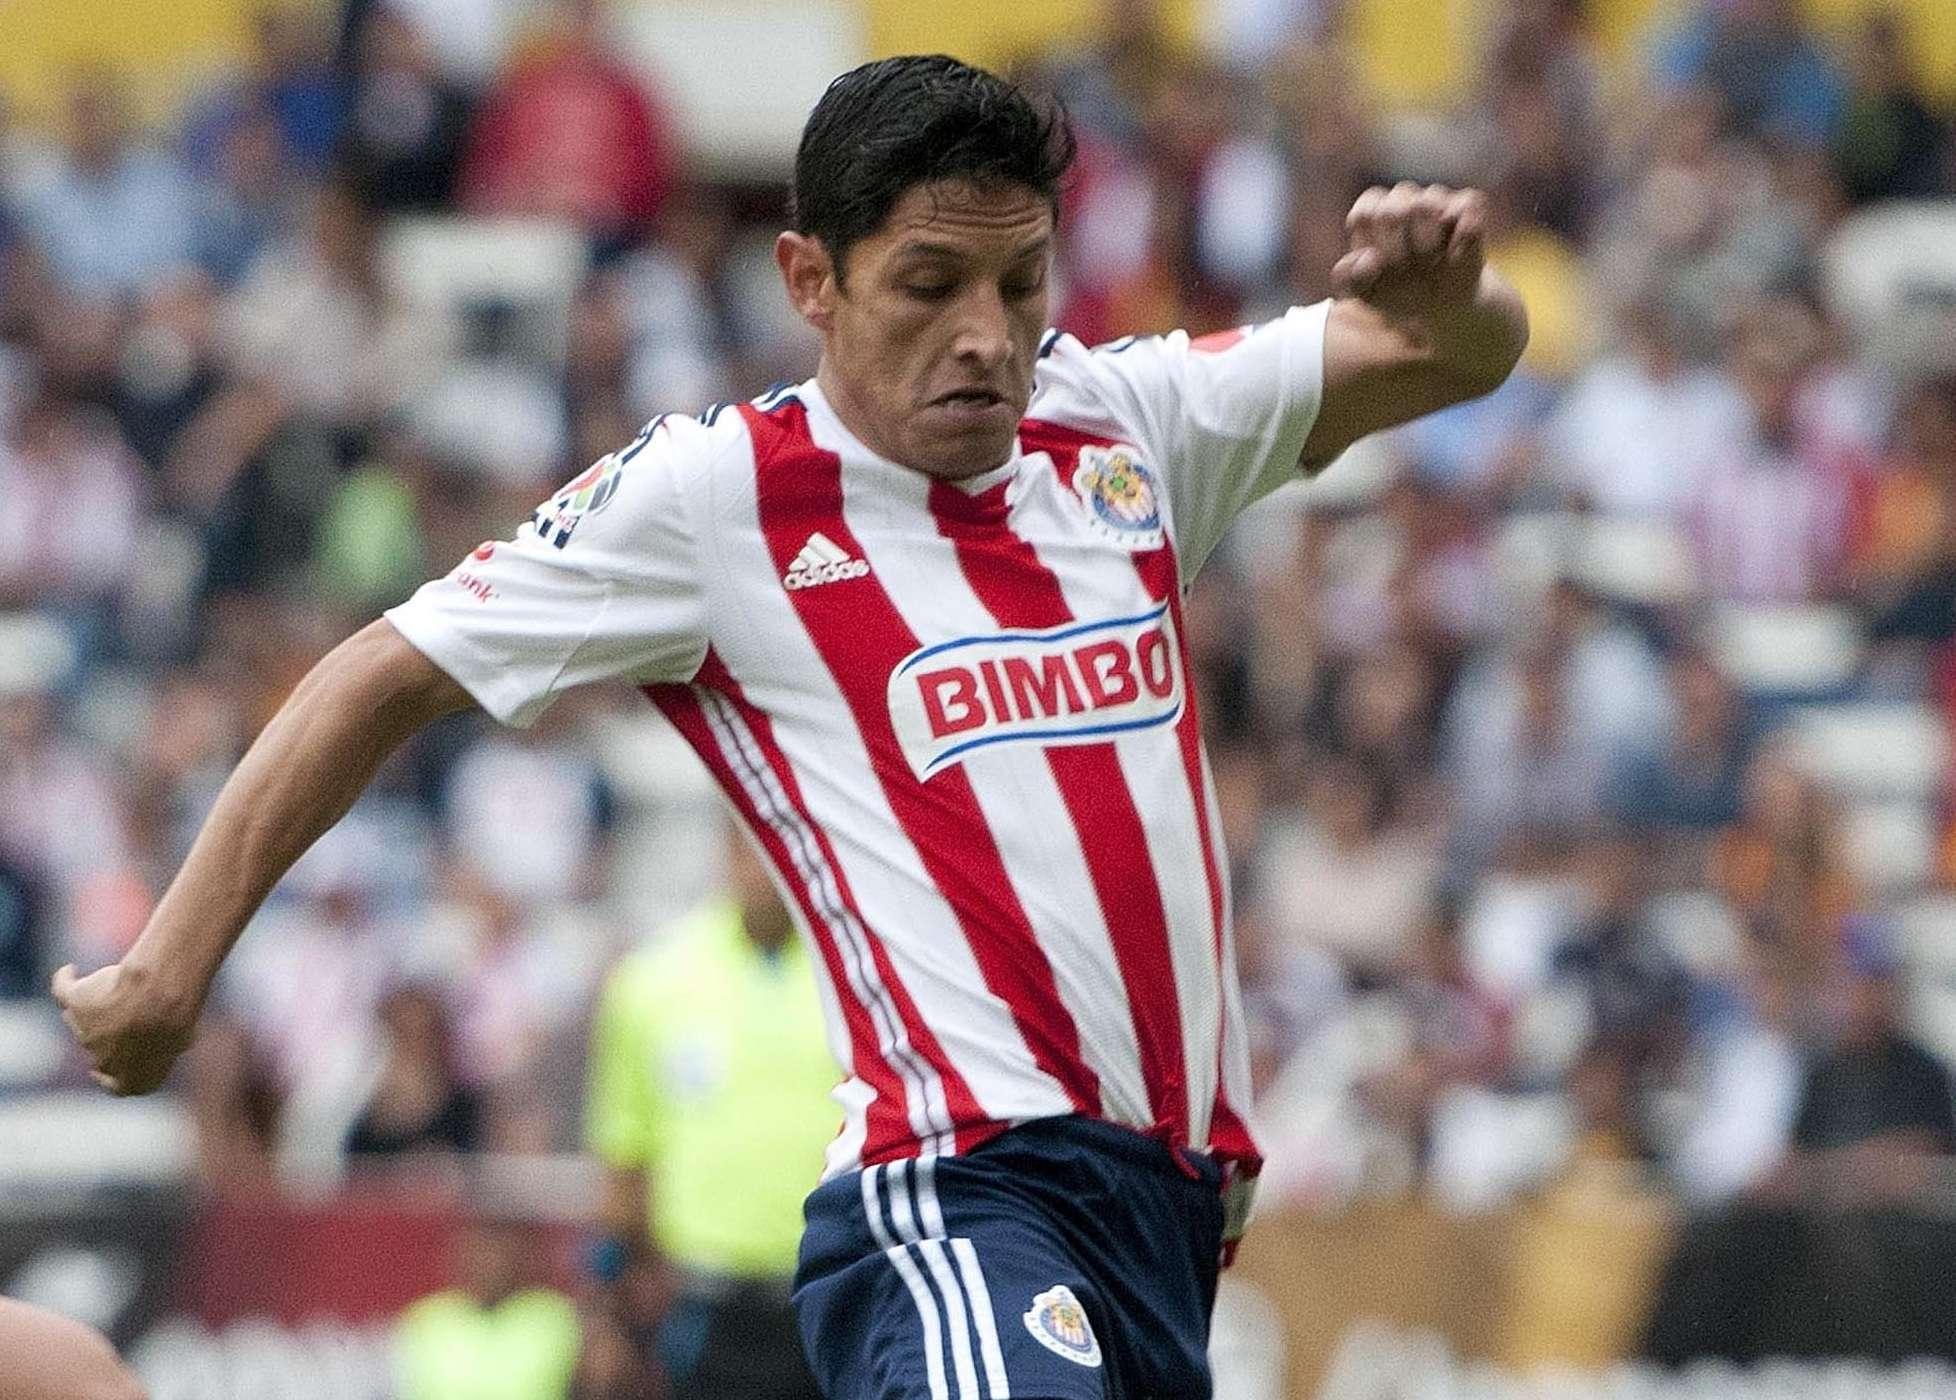 Ángel Reyna sufrió una distensión de los músculos isquiotibiales de la pierna derecha. Foto: Mexsport